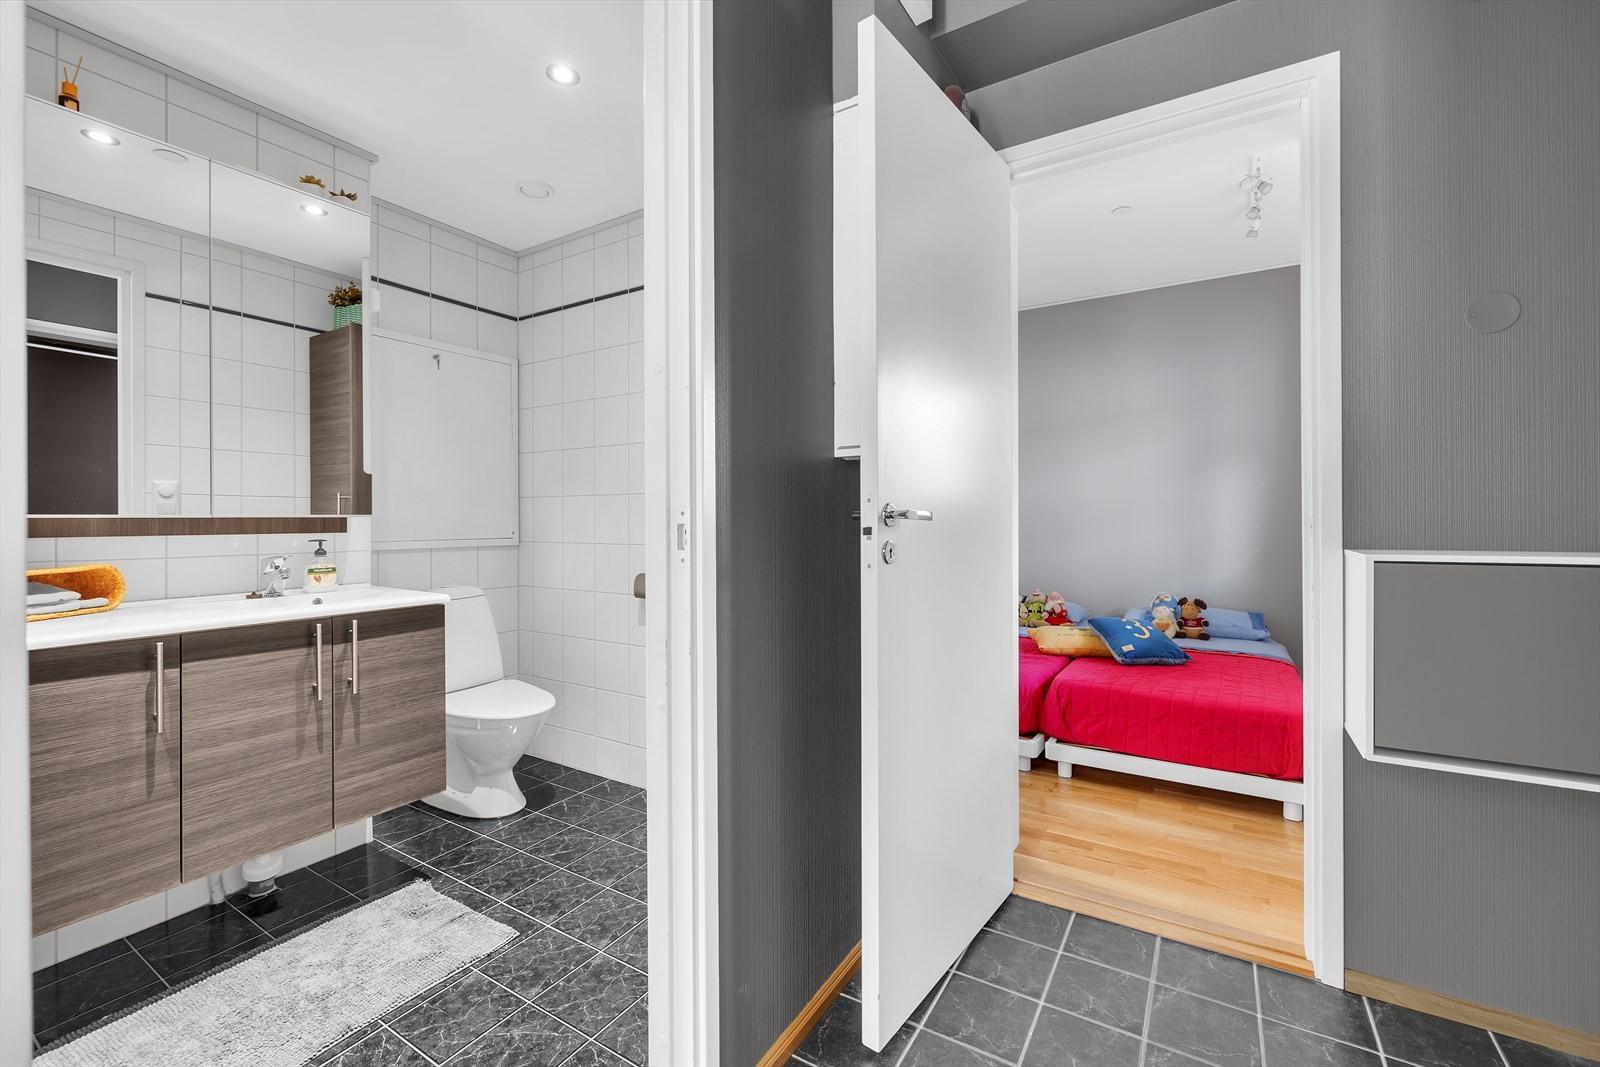 Flislagt gulv i entré - inngang til bad og soverom.